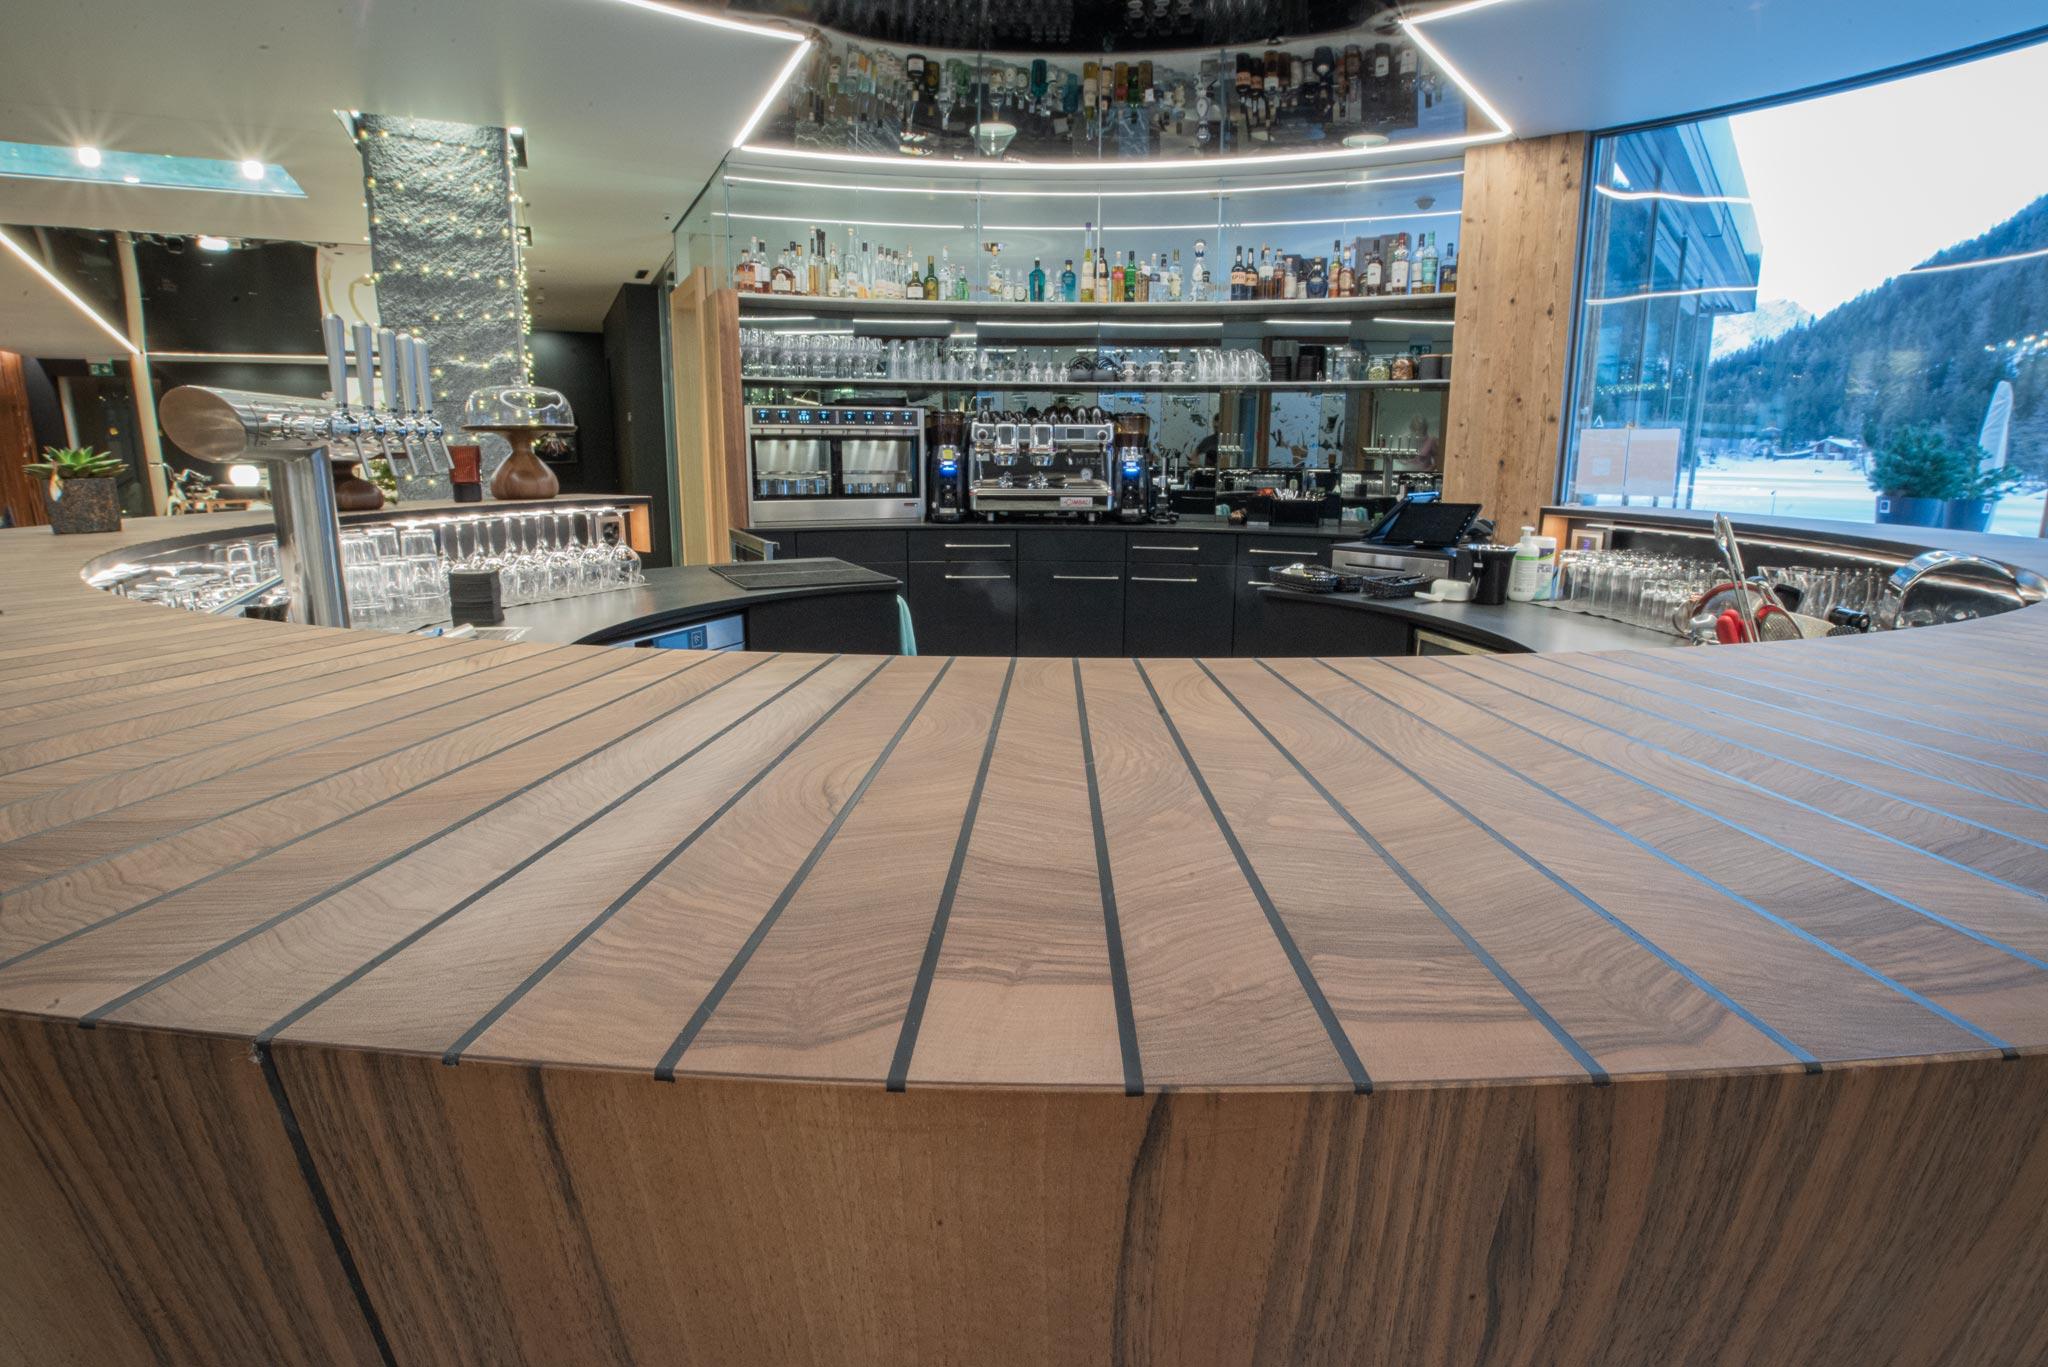 201216 ACA Bar hotel 009 - Bar le 1465 du Club Alpin